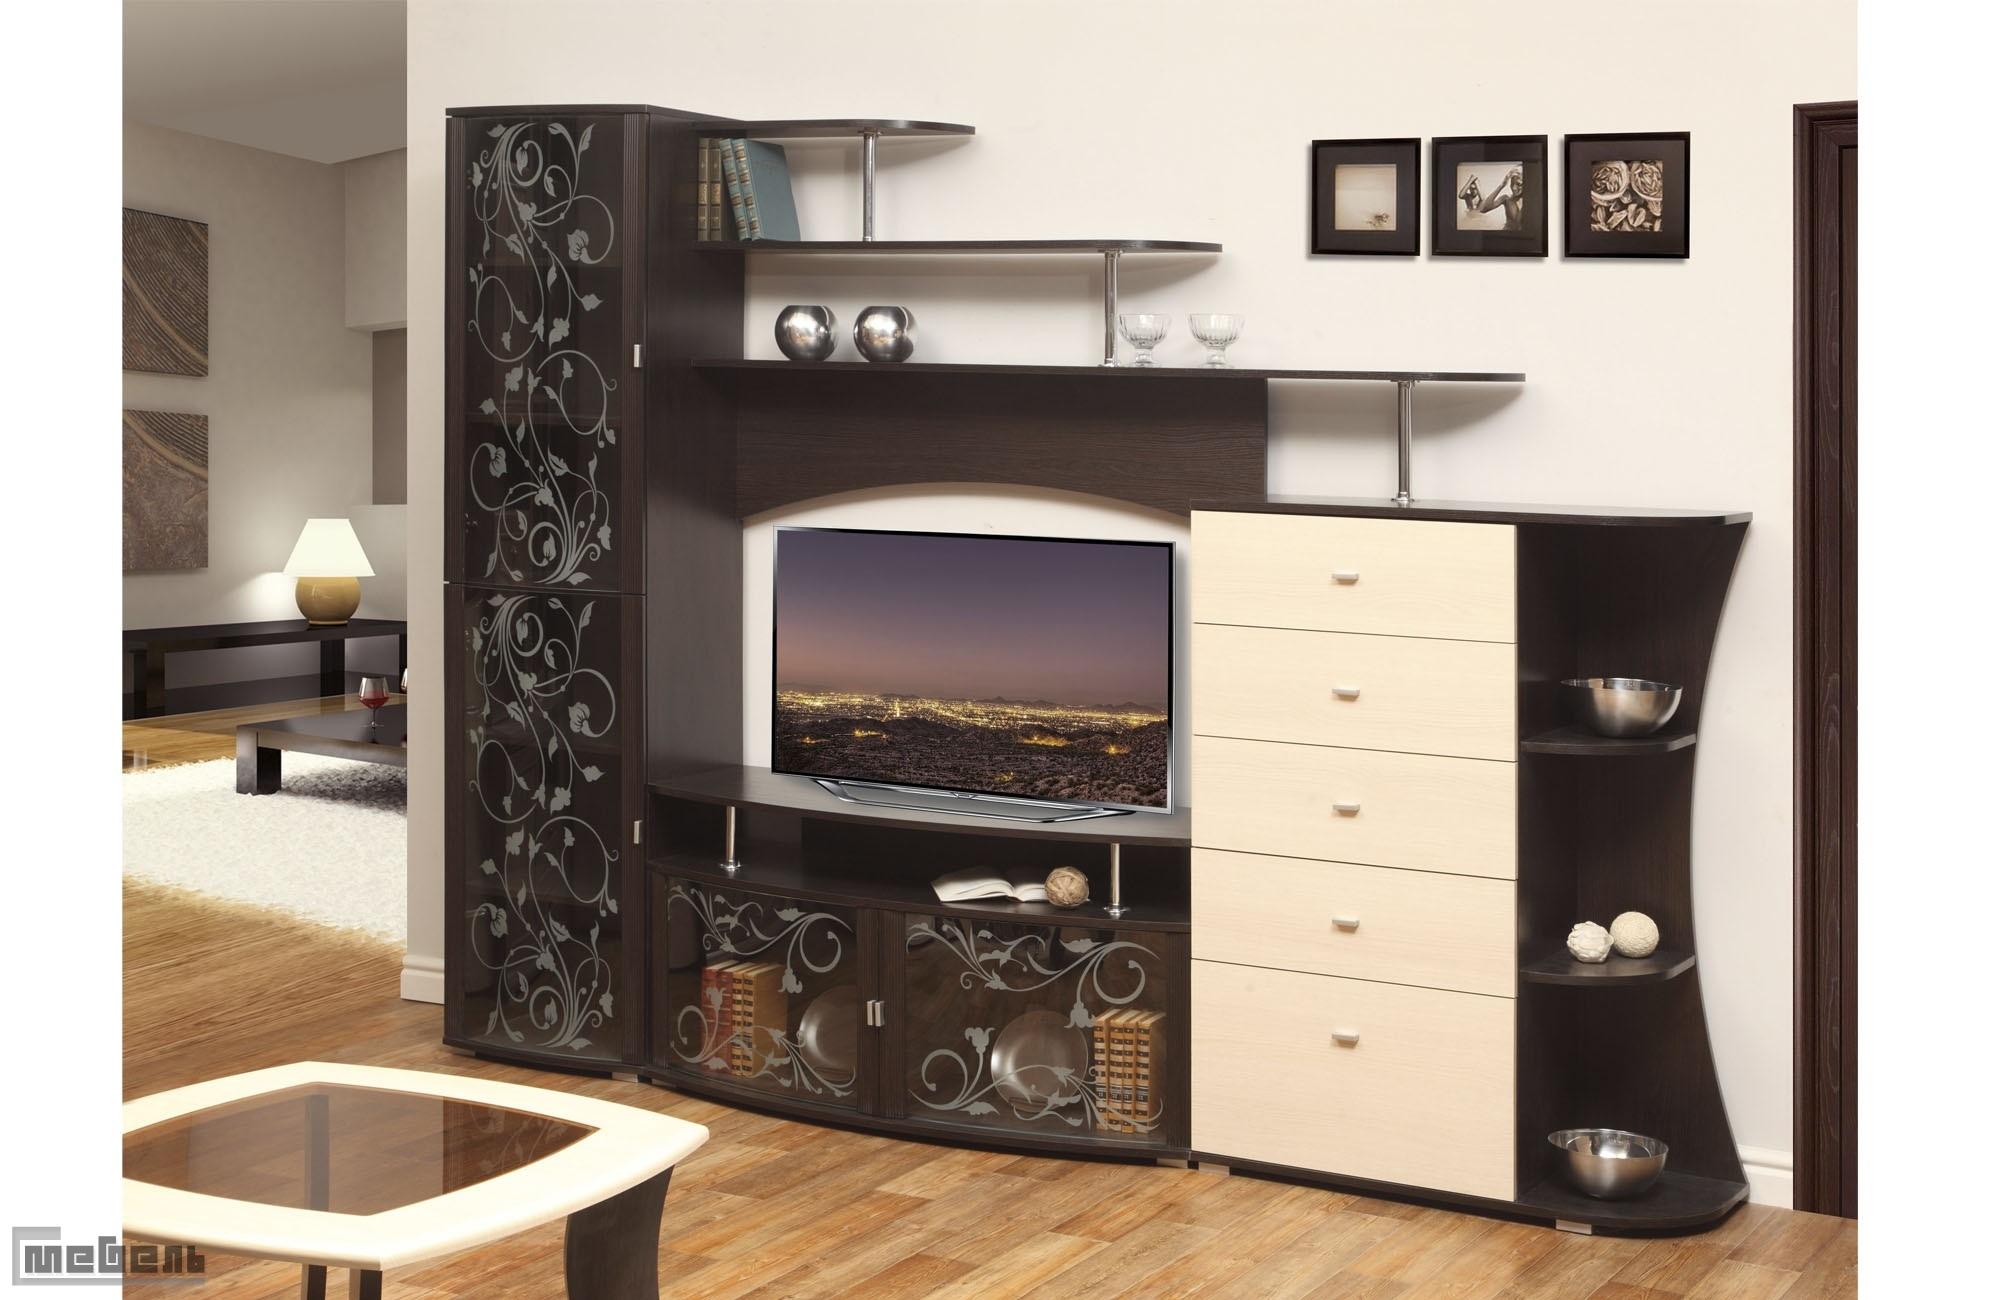 Стенка для гостиной олимп-мебель эмма со скидкой на profu14..